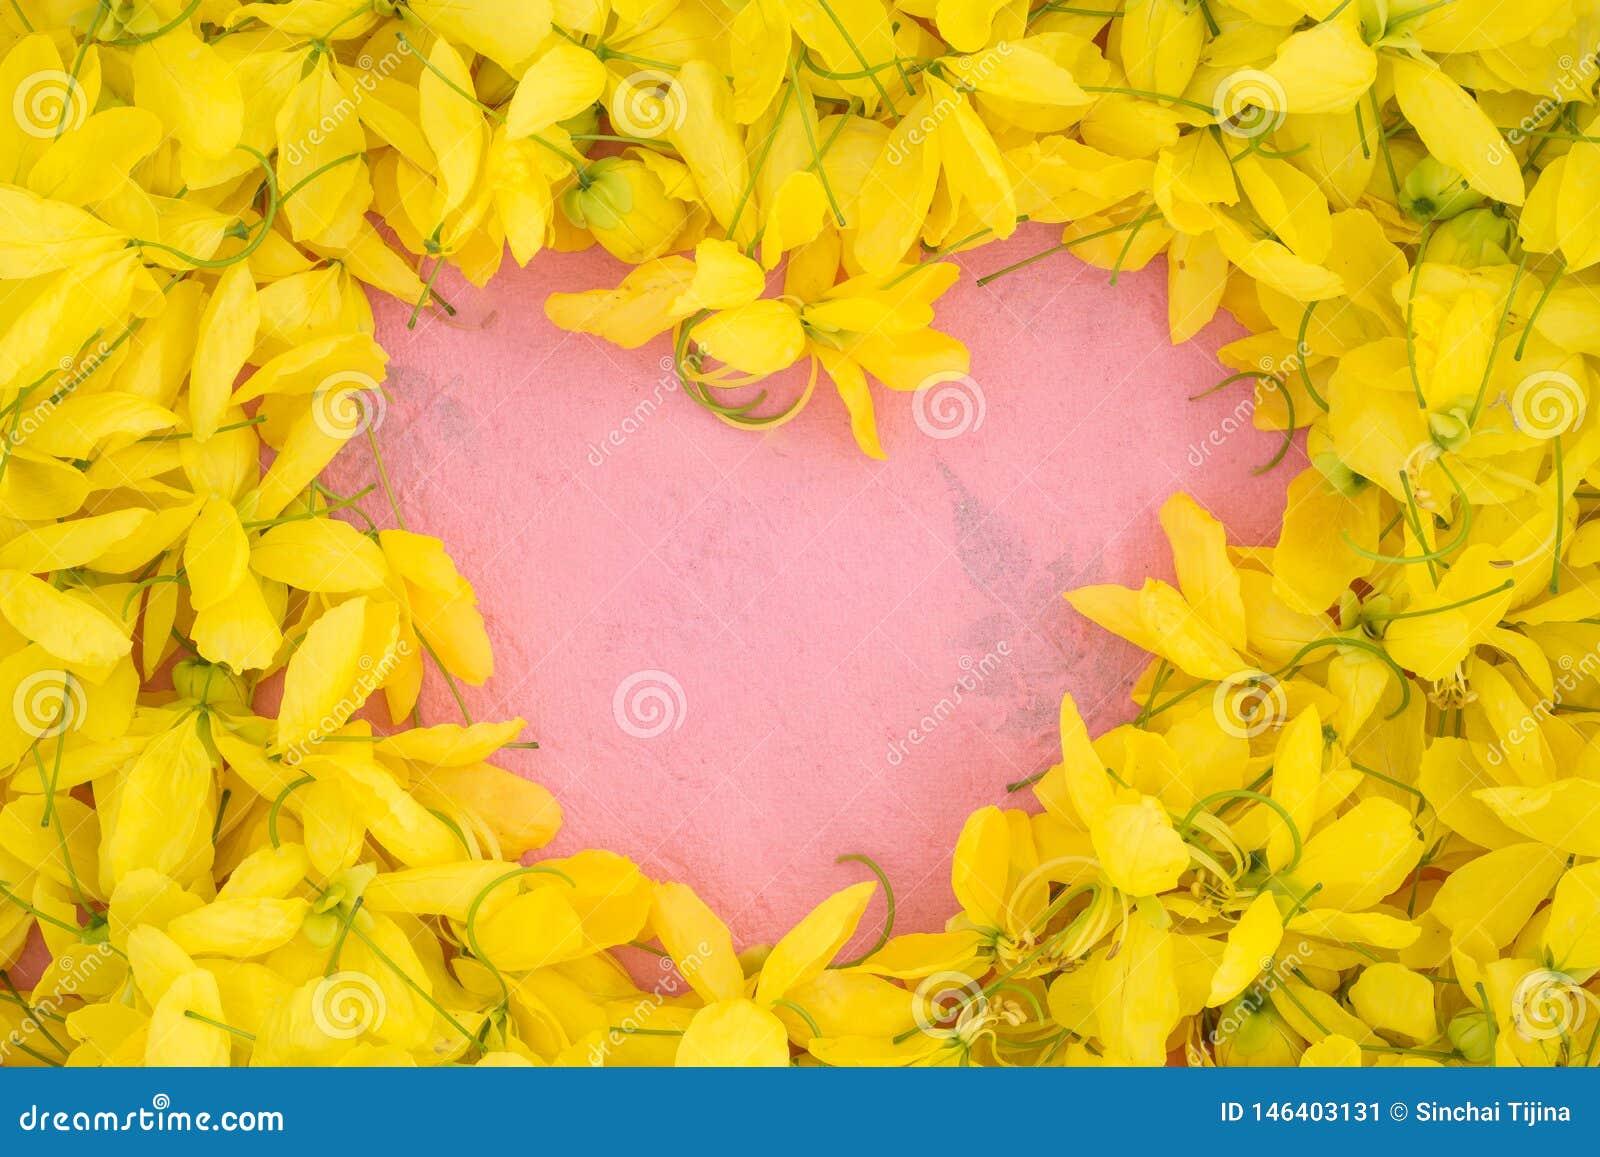 Cierre de Wallpeper encima de la flor amarilla de la naturaleza en fondo rosado